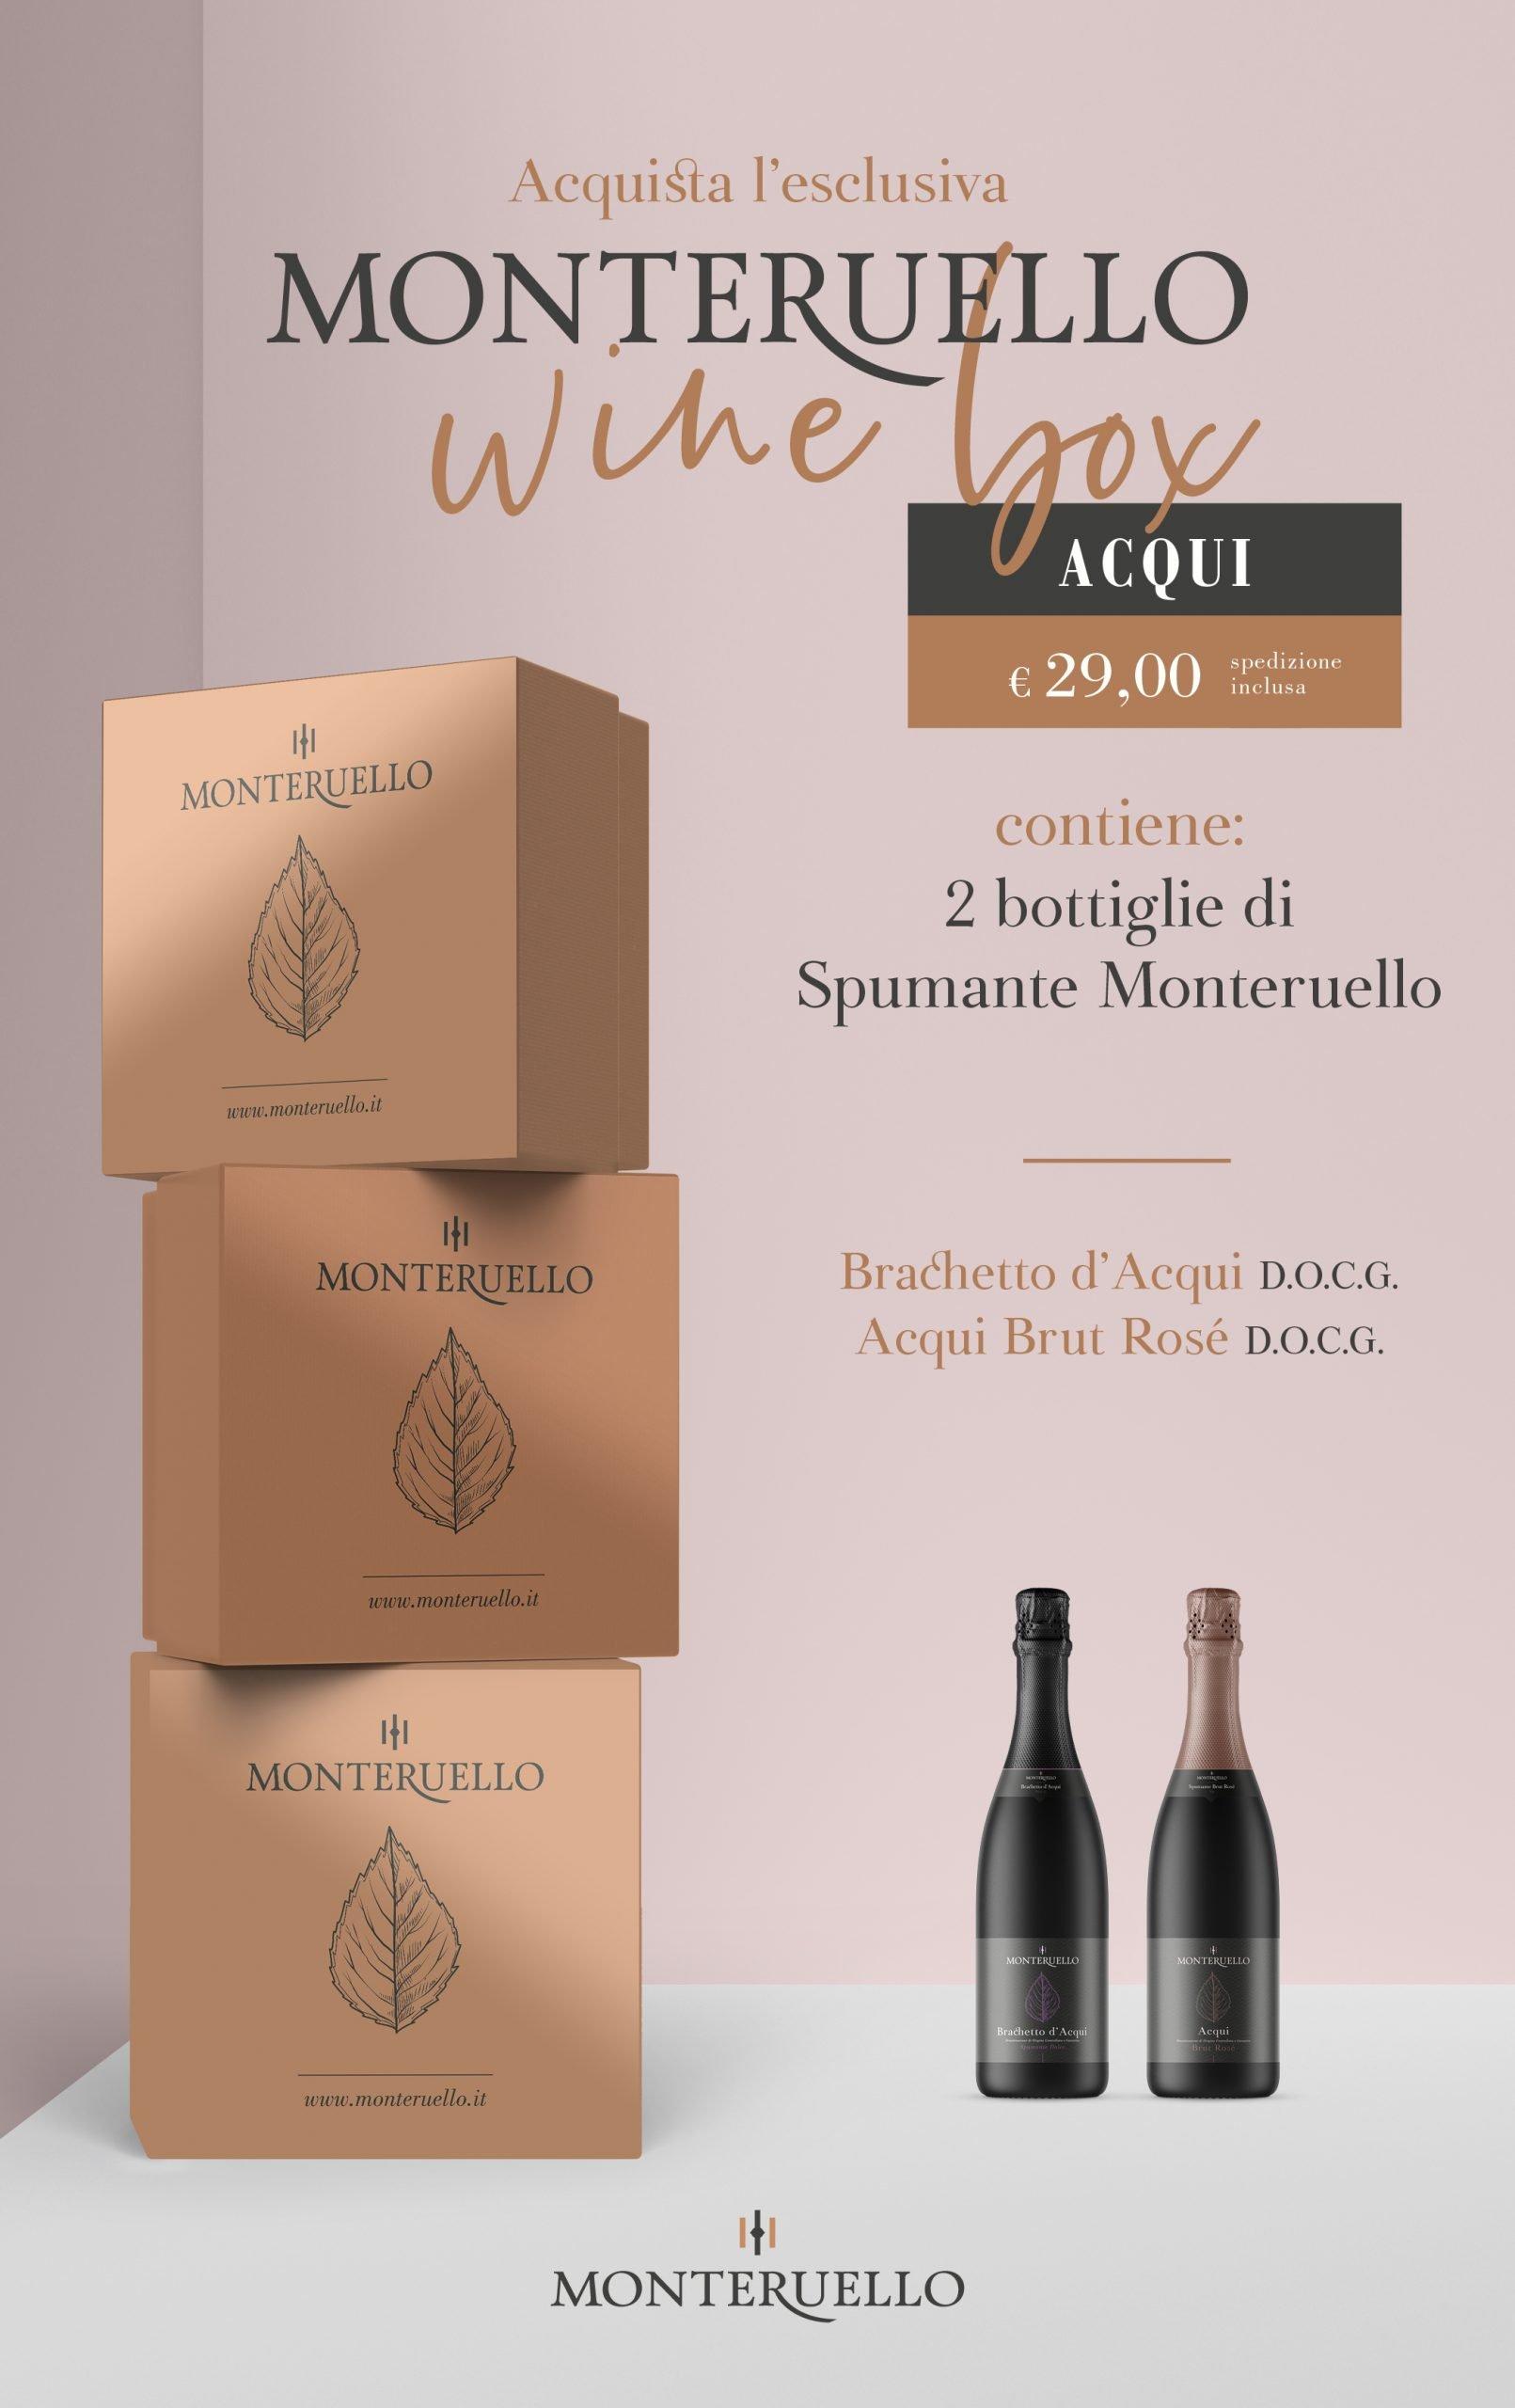 Monteruello | Wine Box | Acqui | www.monteruello.it